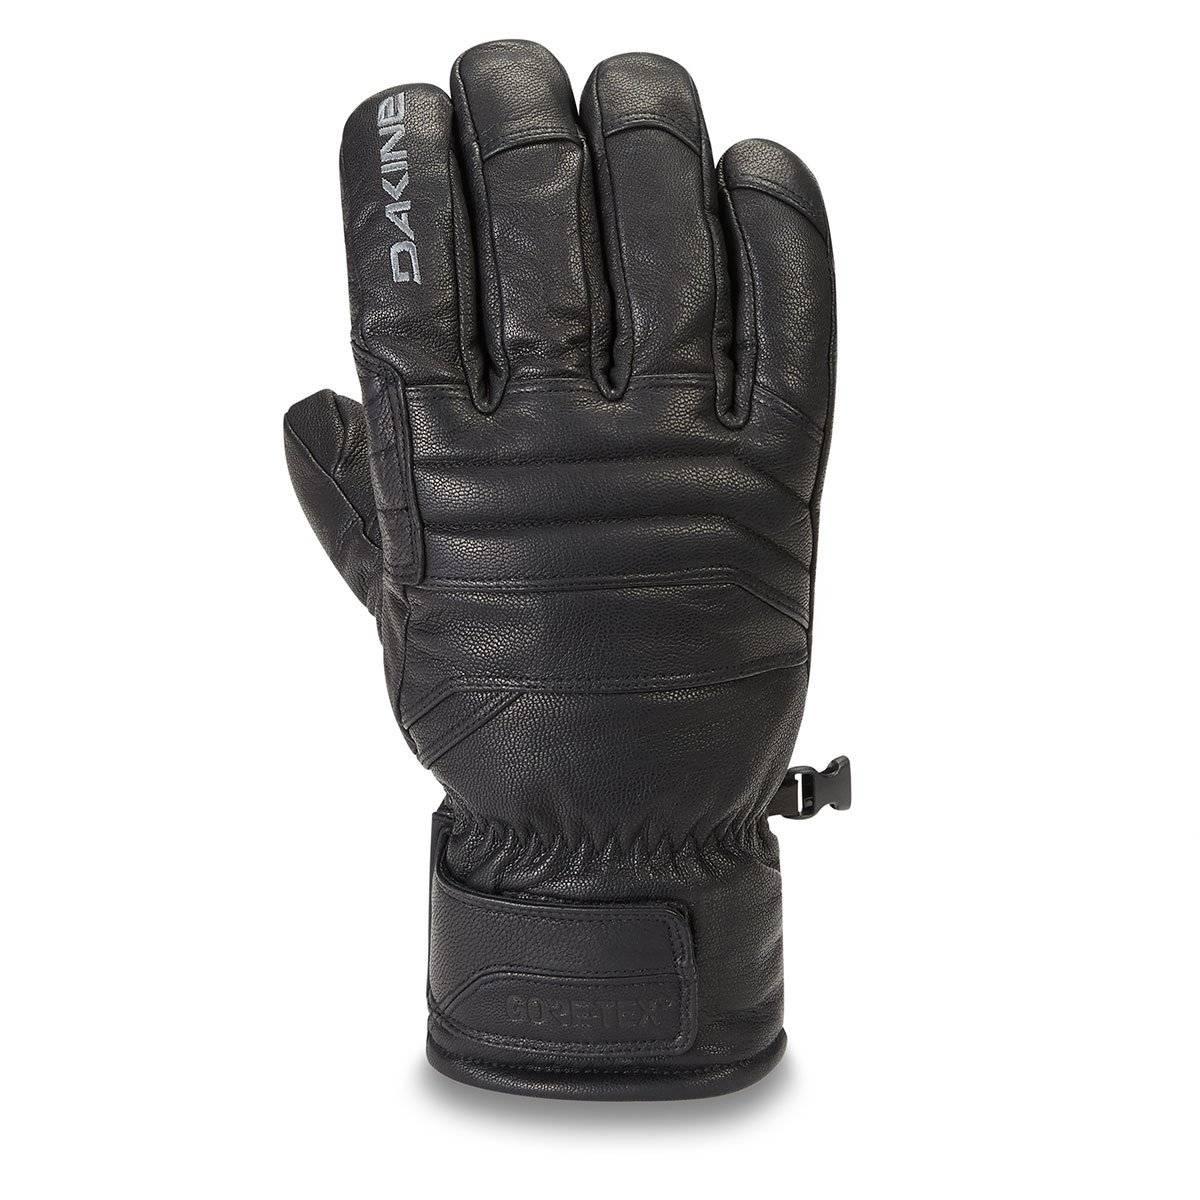 Dakine Kodiak Gore-Tex Glove Black